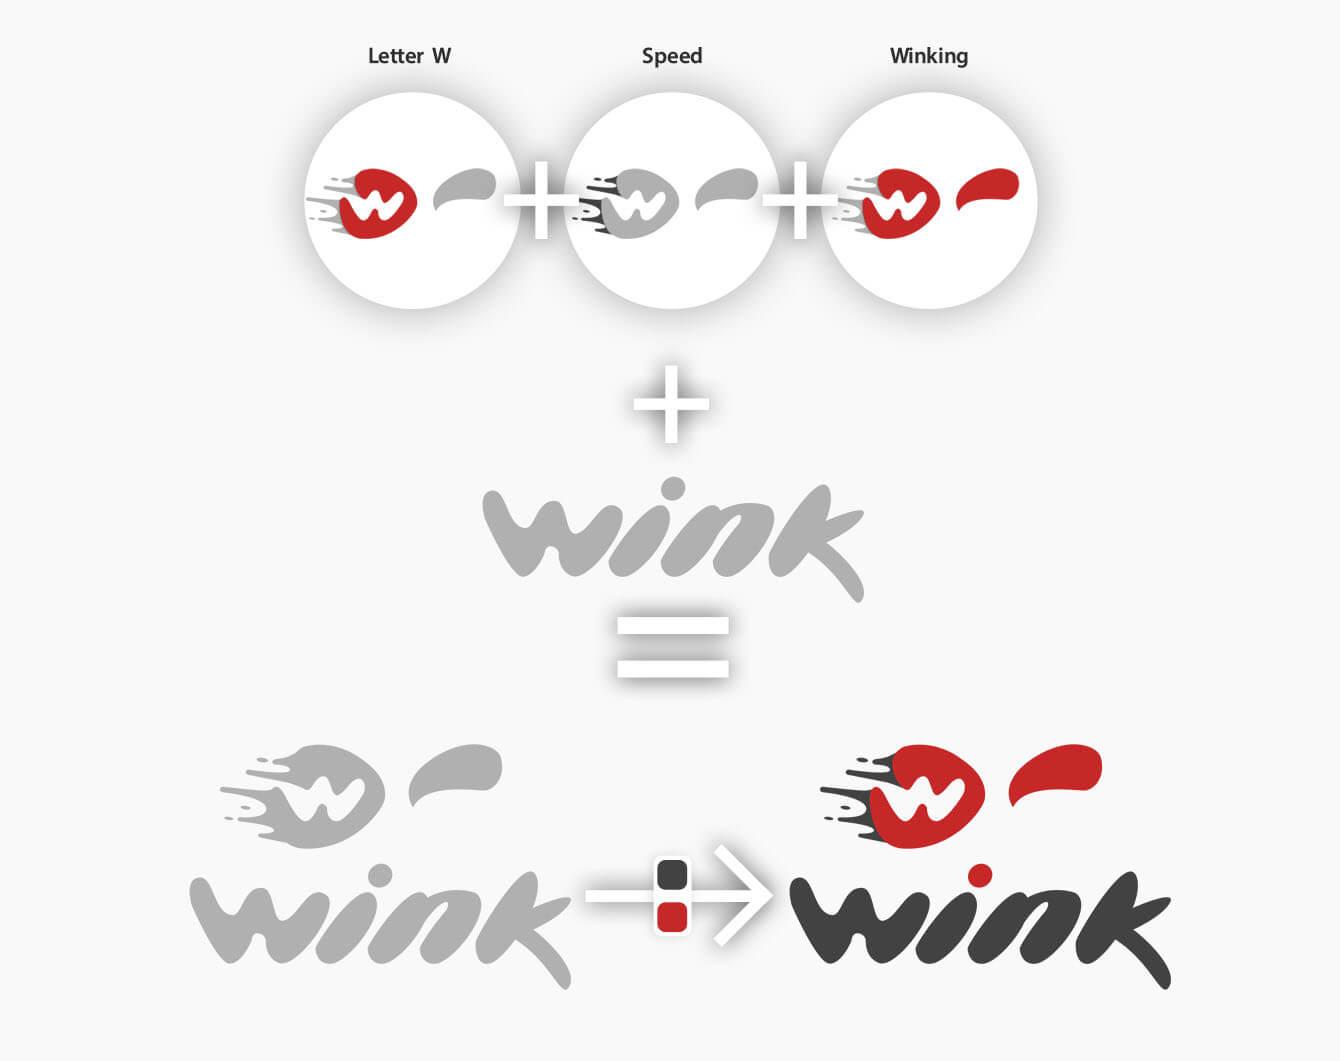 روند طراحی لوگو و ایده پردازی وینک